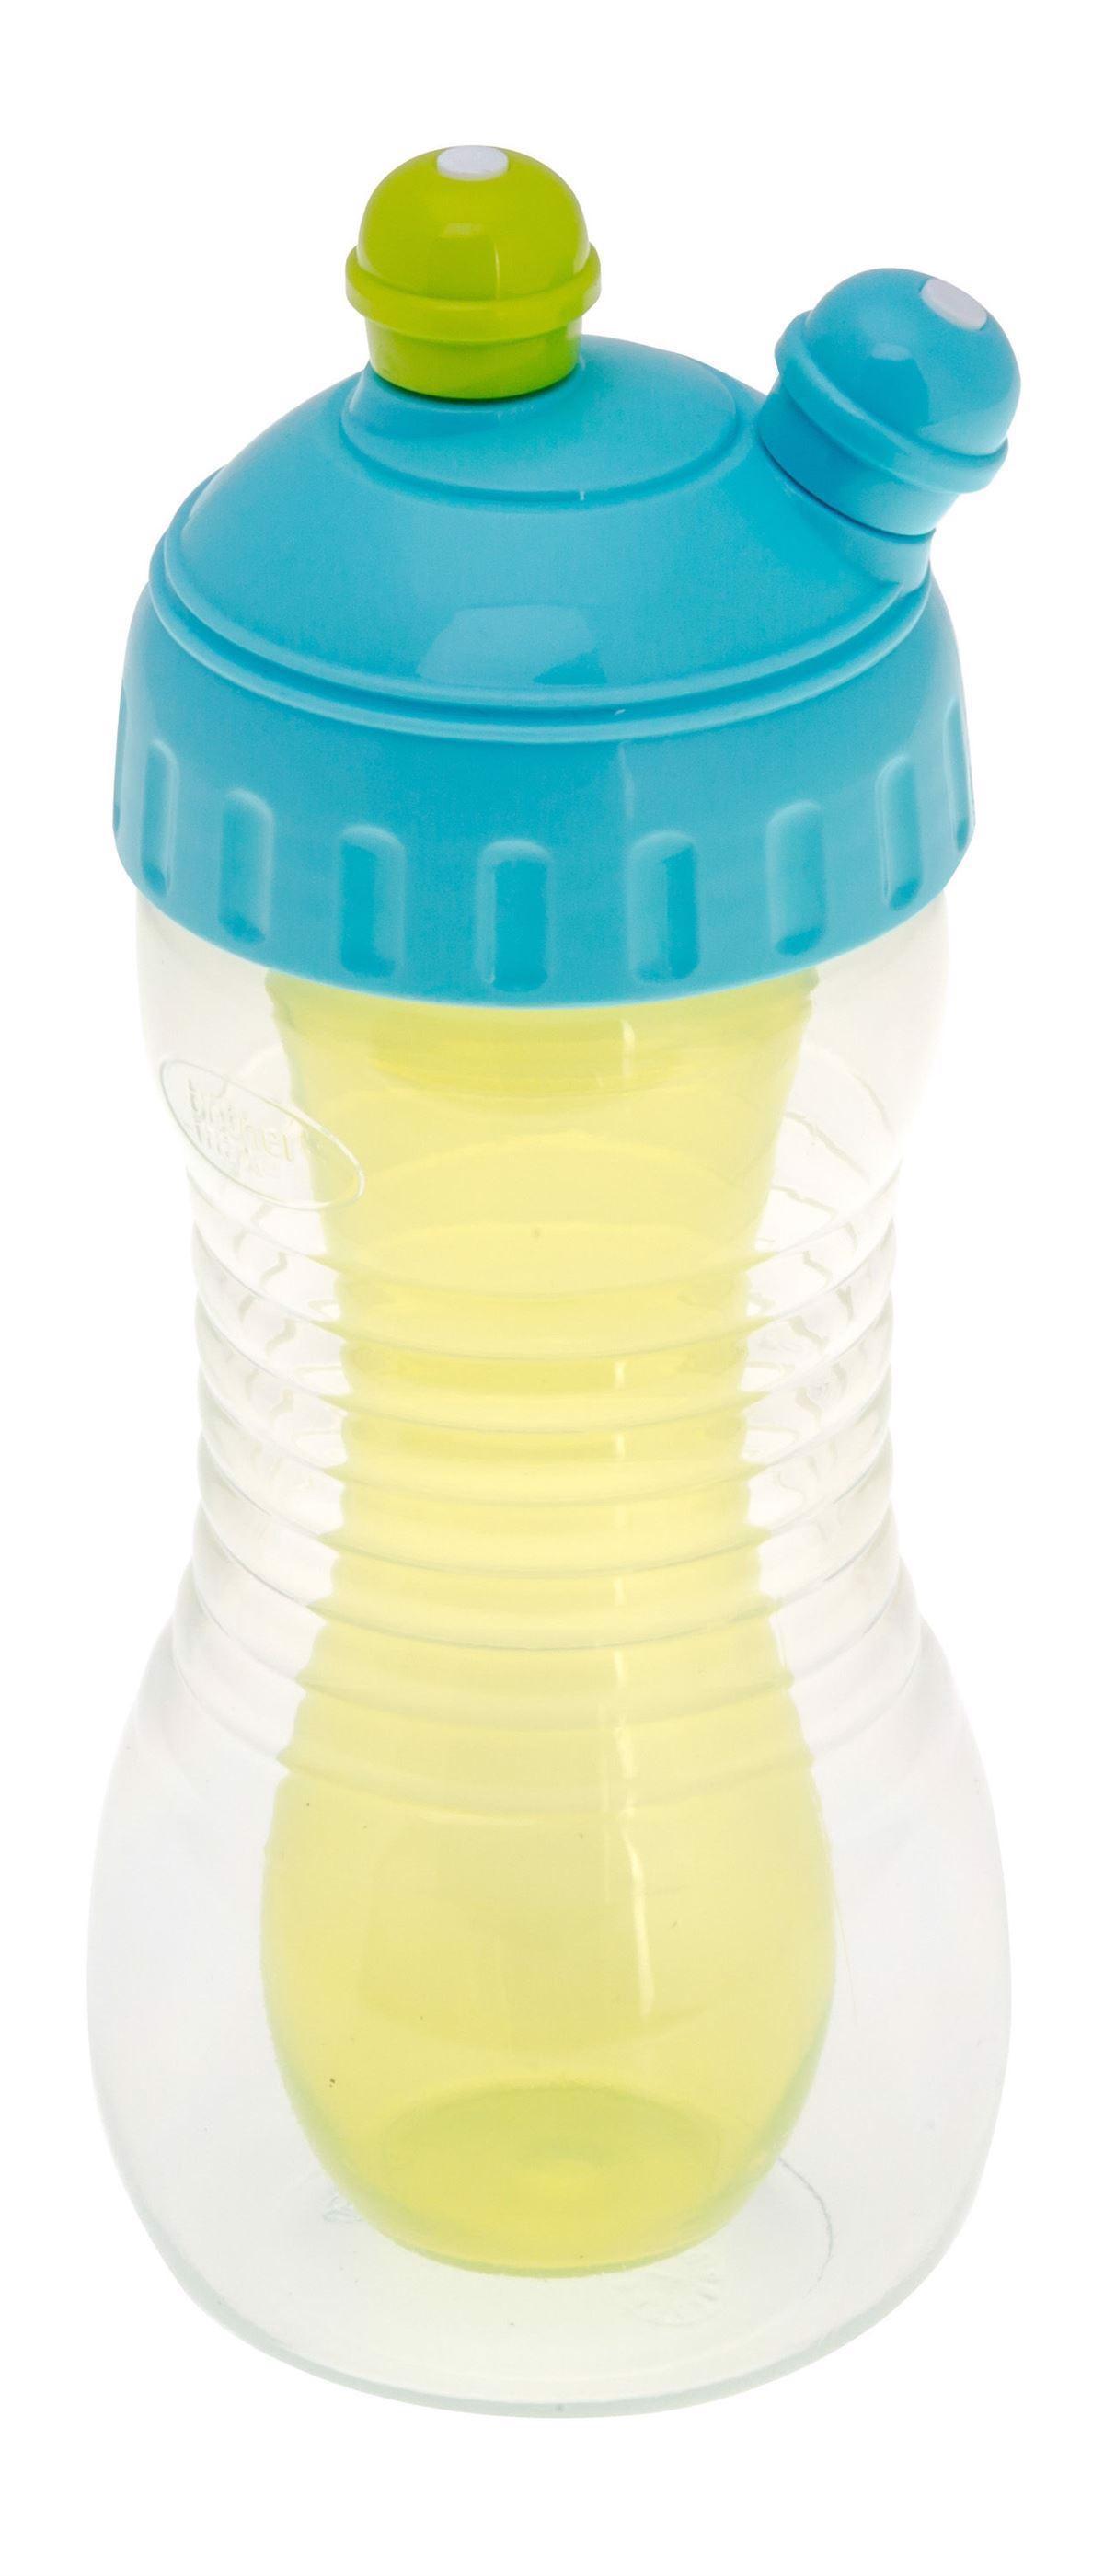 Image of Drikkeflaske - Blå/Grøn - 2-i-1 (BM71183BG2)